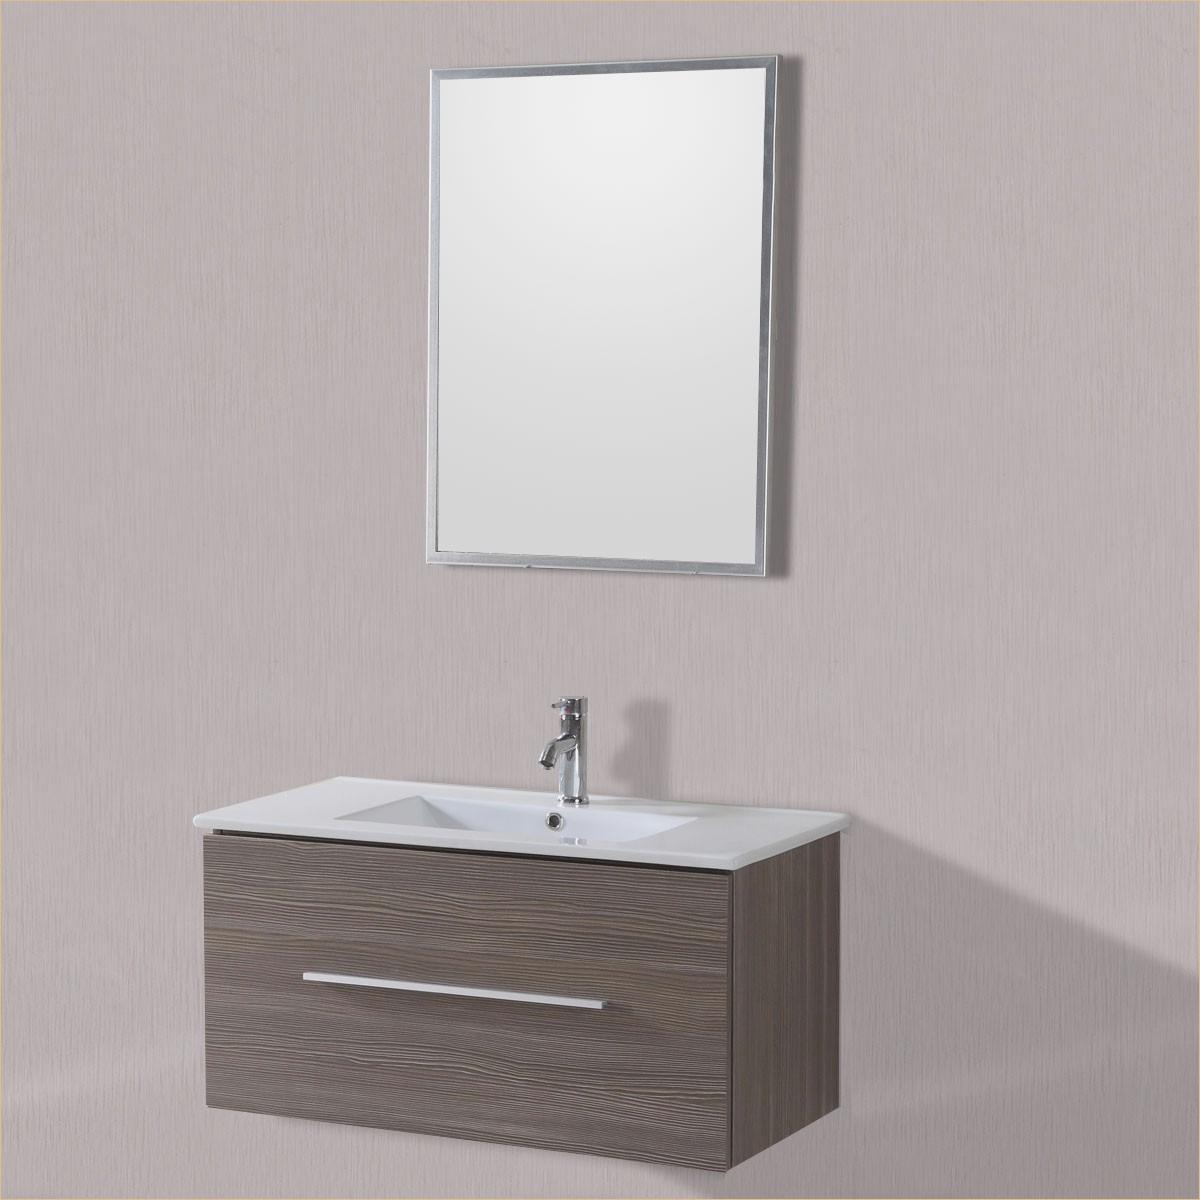 Meuble Wc Brico Dépot Luxe Photos Fasciné Armoire Salle De Bain Miroir